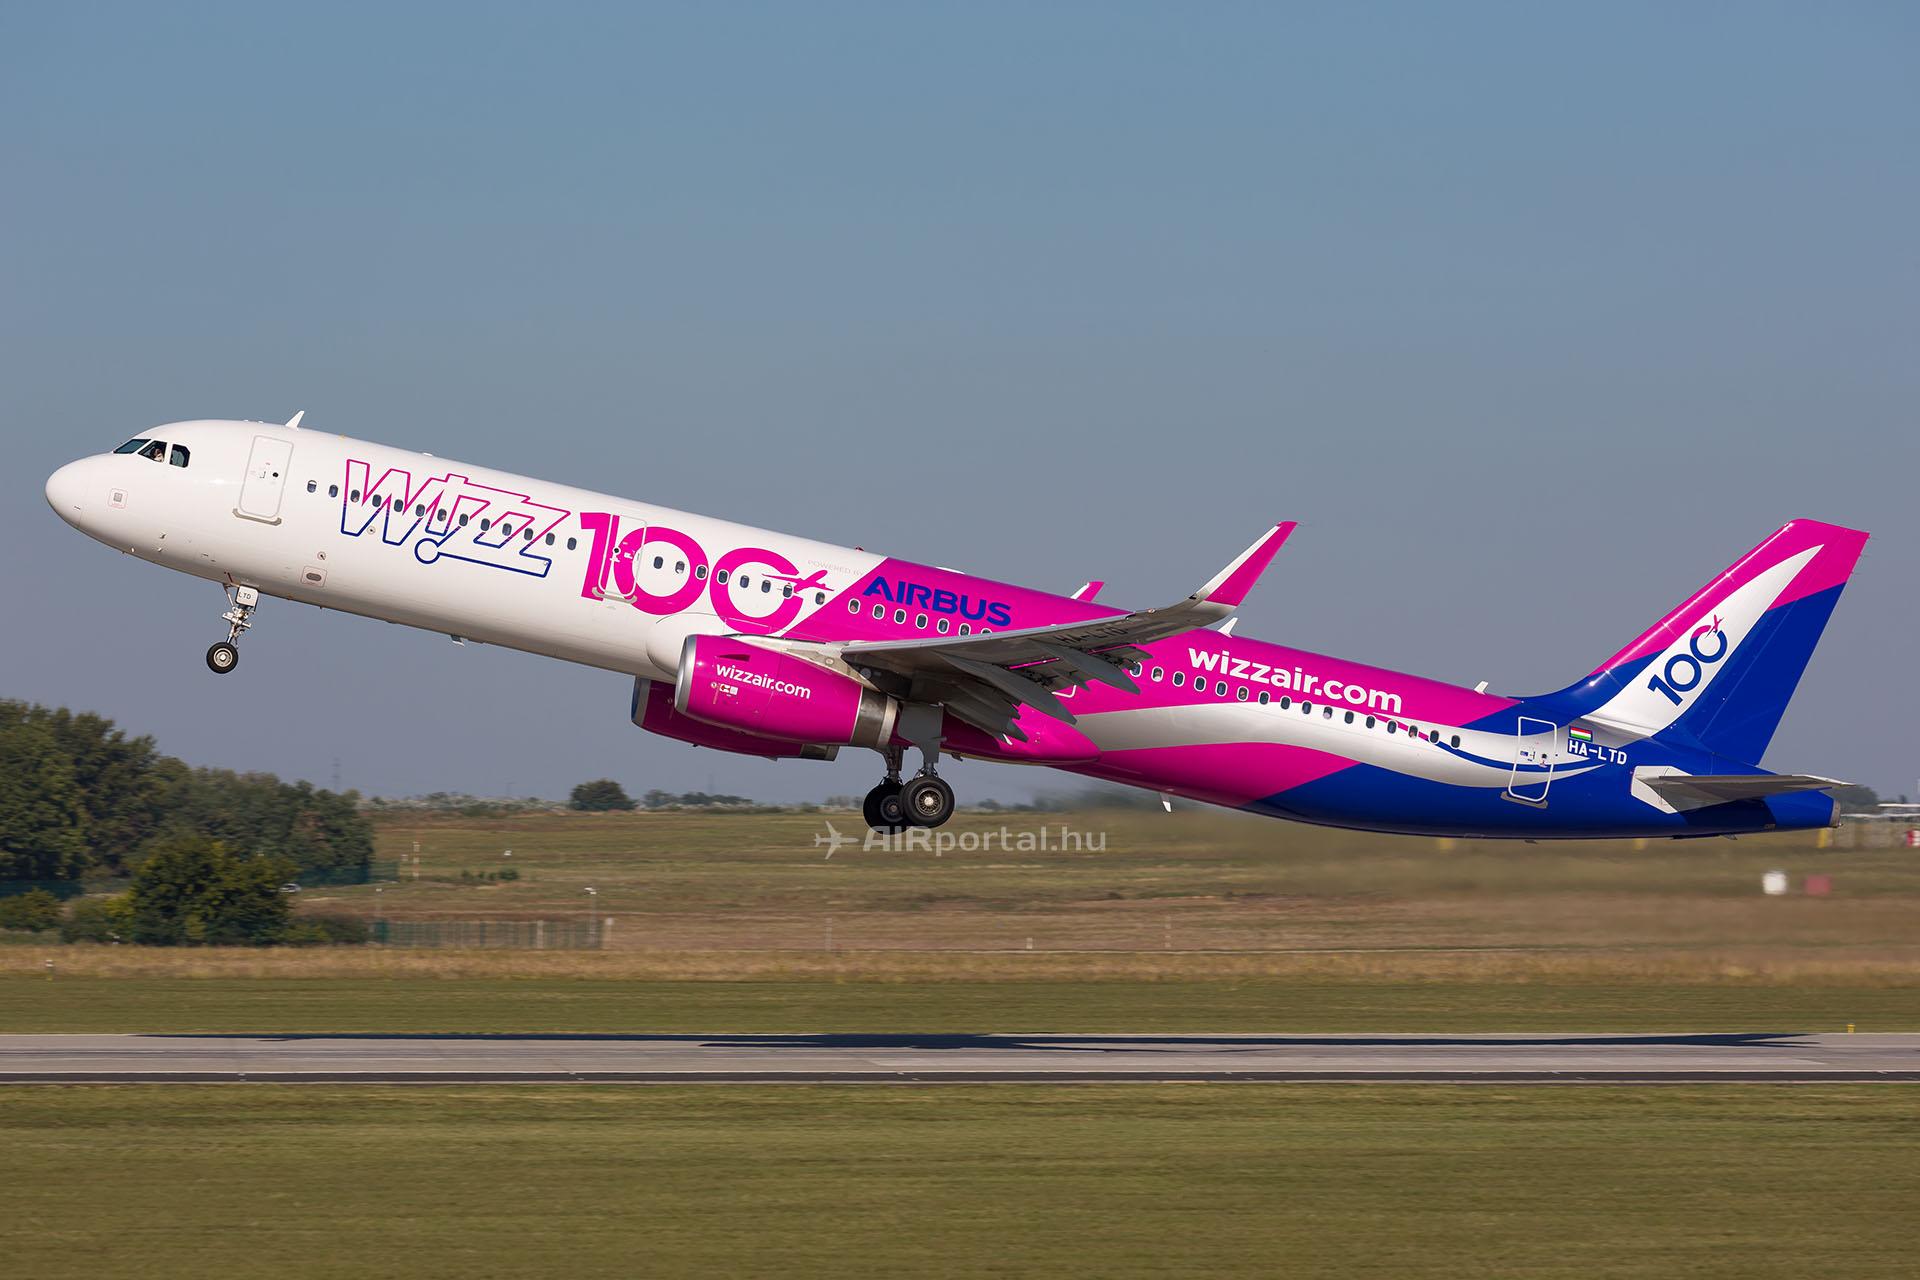 ba4819c18977 Megemelte a Wizz Air és a Ryanair a csomagfeladás és priority árát